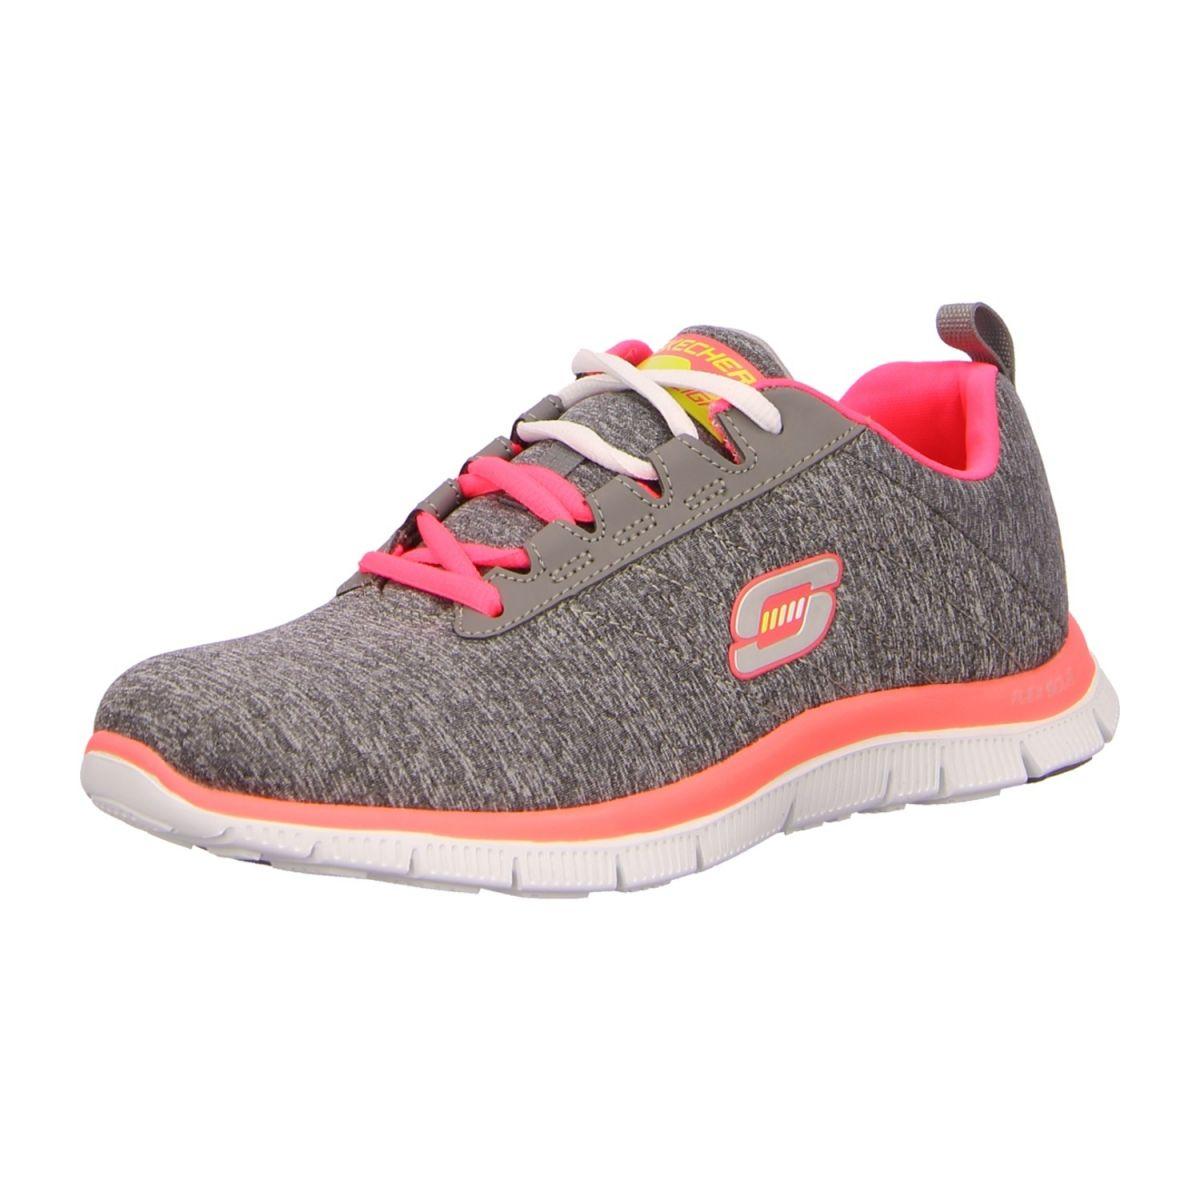 NEU: Skechers Sneaker FlexAppeal NextGen 11883 GYCL gray